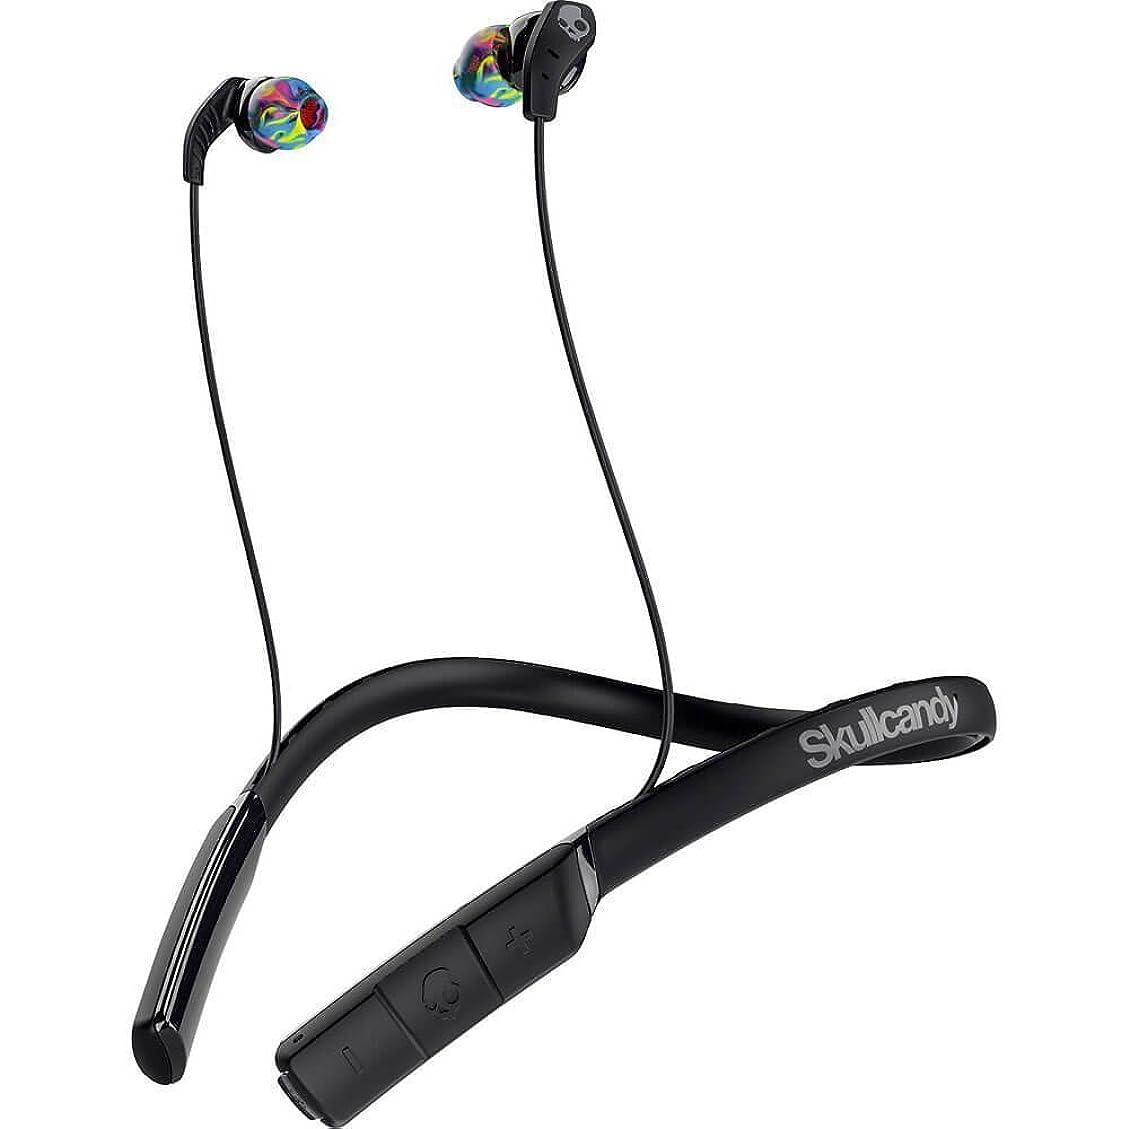 女優リサイクルする毎日Skullcandy Method Wireless カナル型ワイヤレスイヤホン Bluetooth対応 BLACK/SWIRL S2CDW-J523-A【国内正規品】